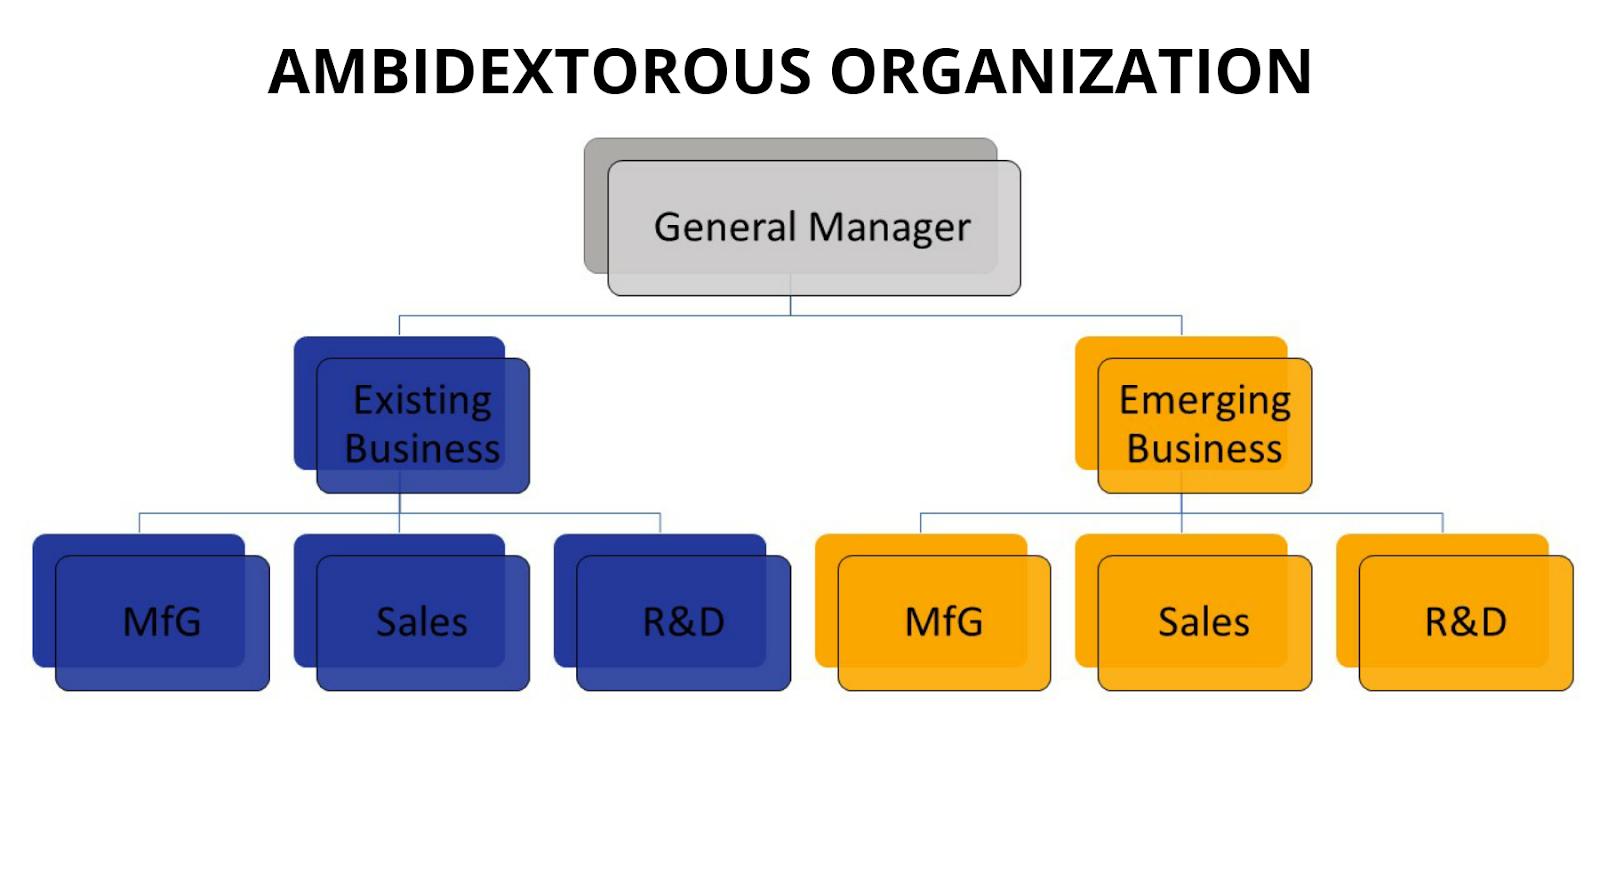 Ambidextrous organization